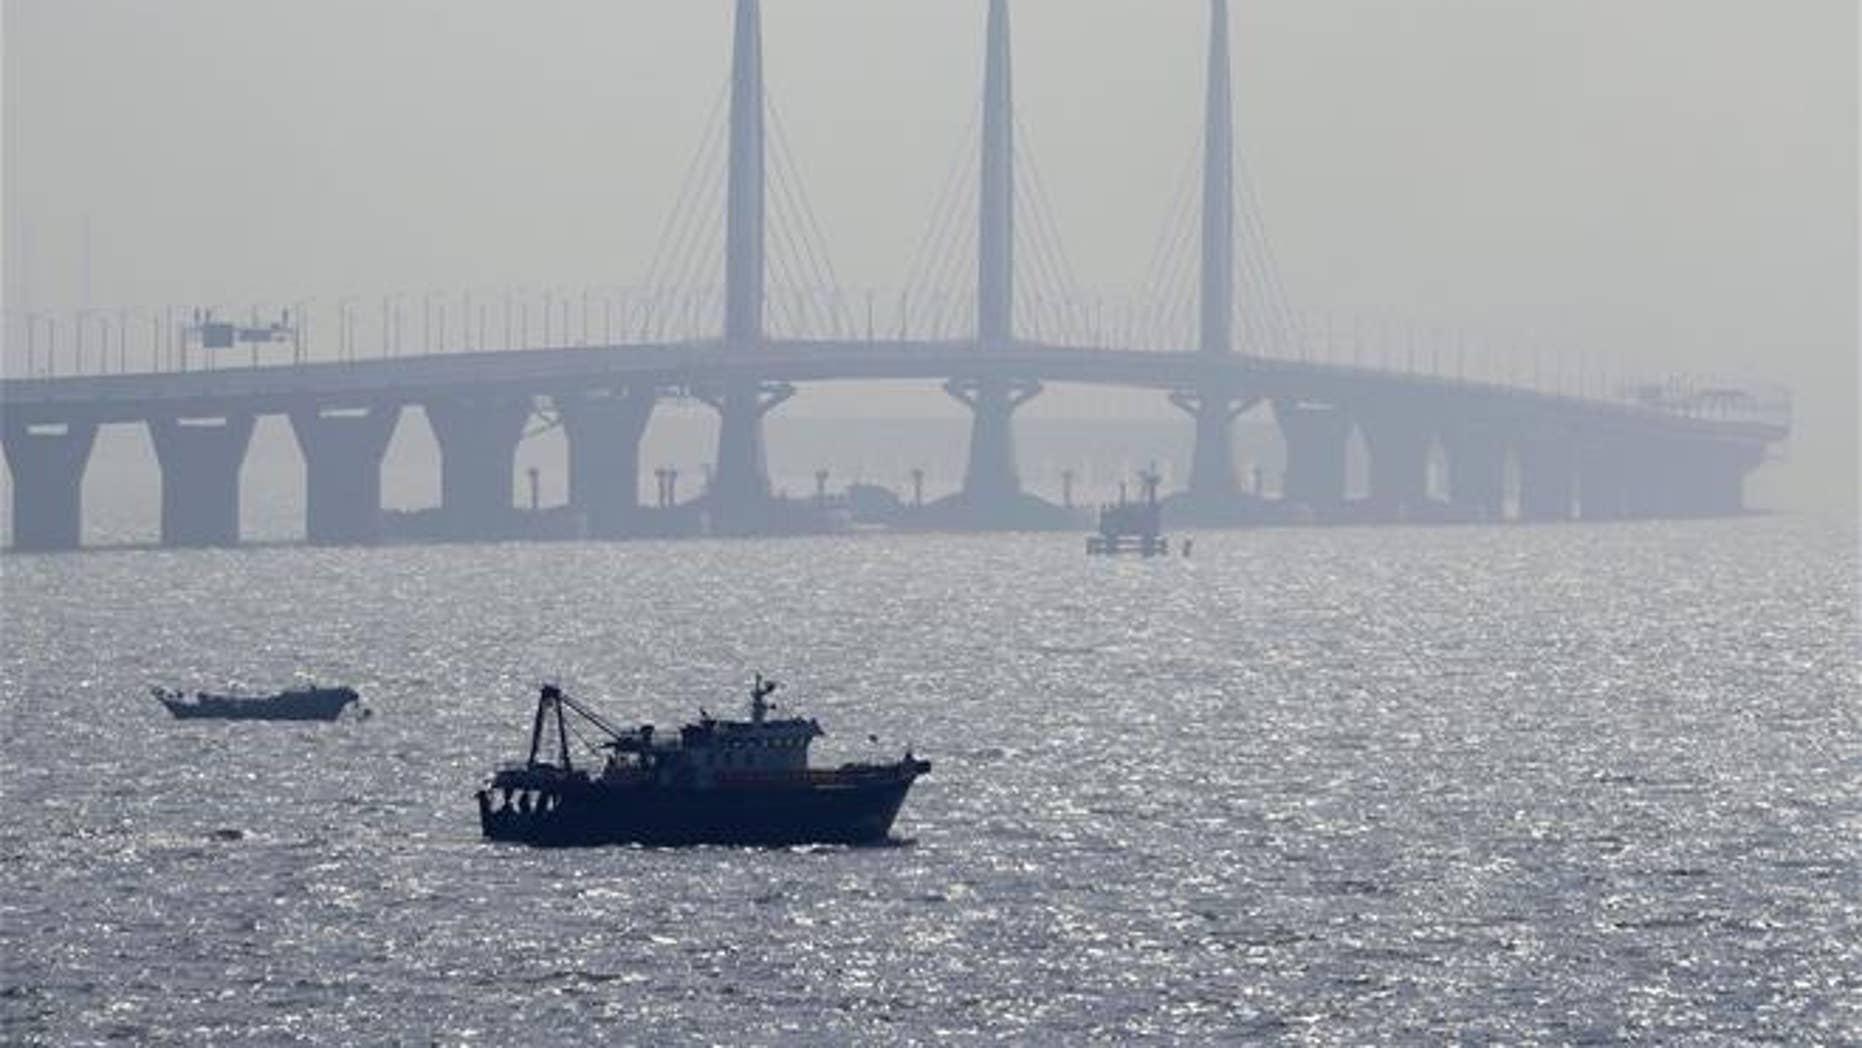 A boat sails near the Hong Kong-Zhuhai-Macau Bridge, in Zhuhai city in China on March 28, 2018.